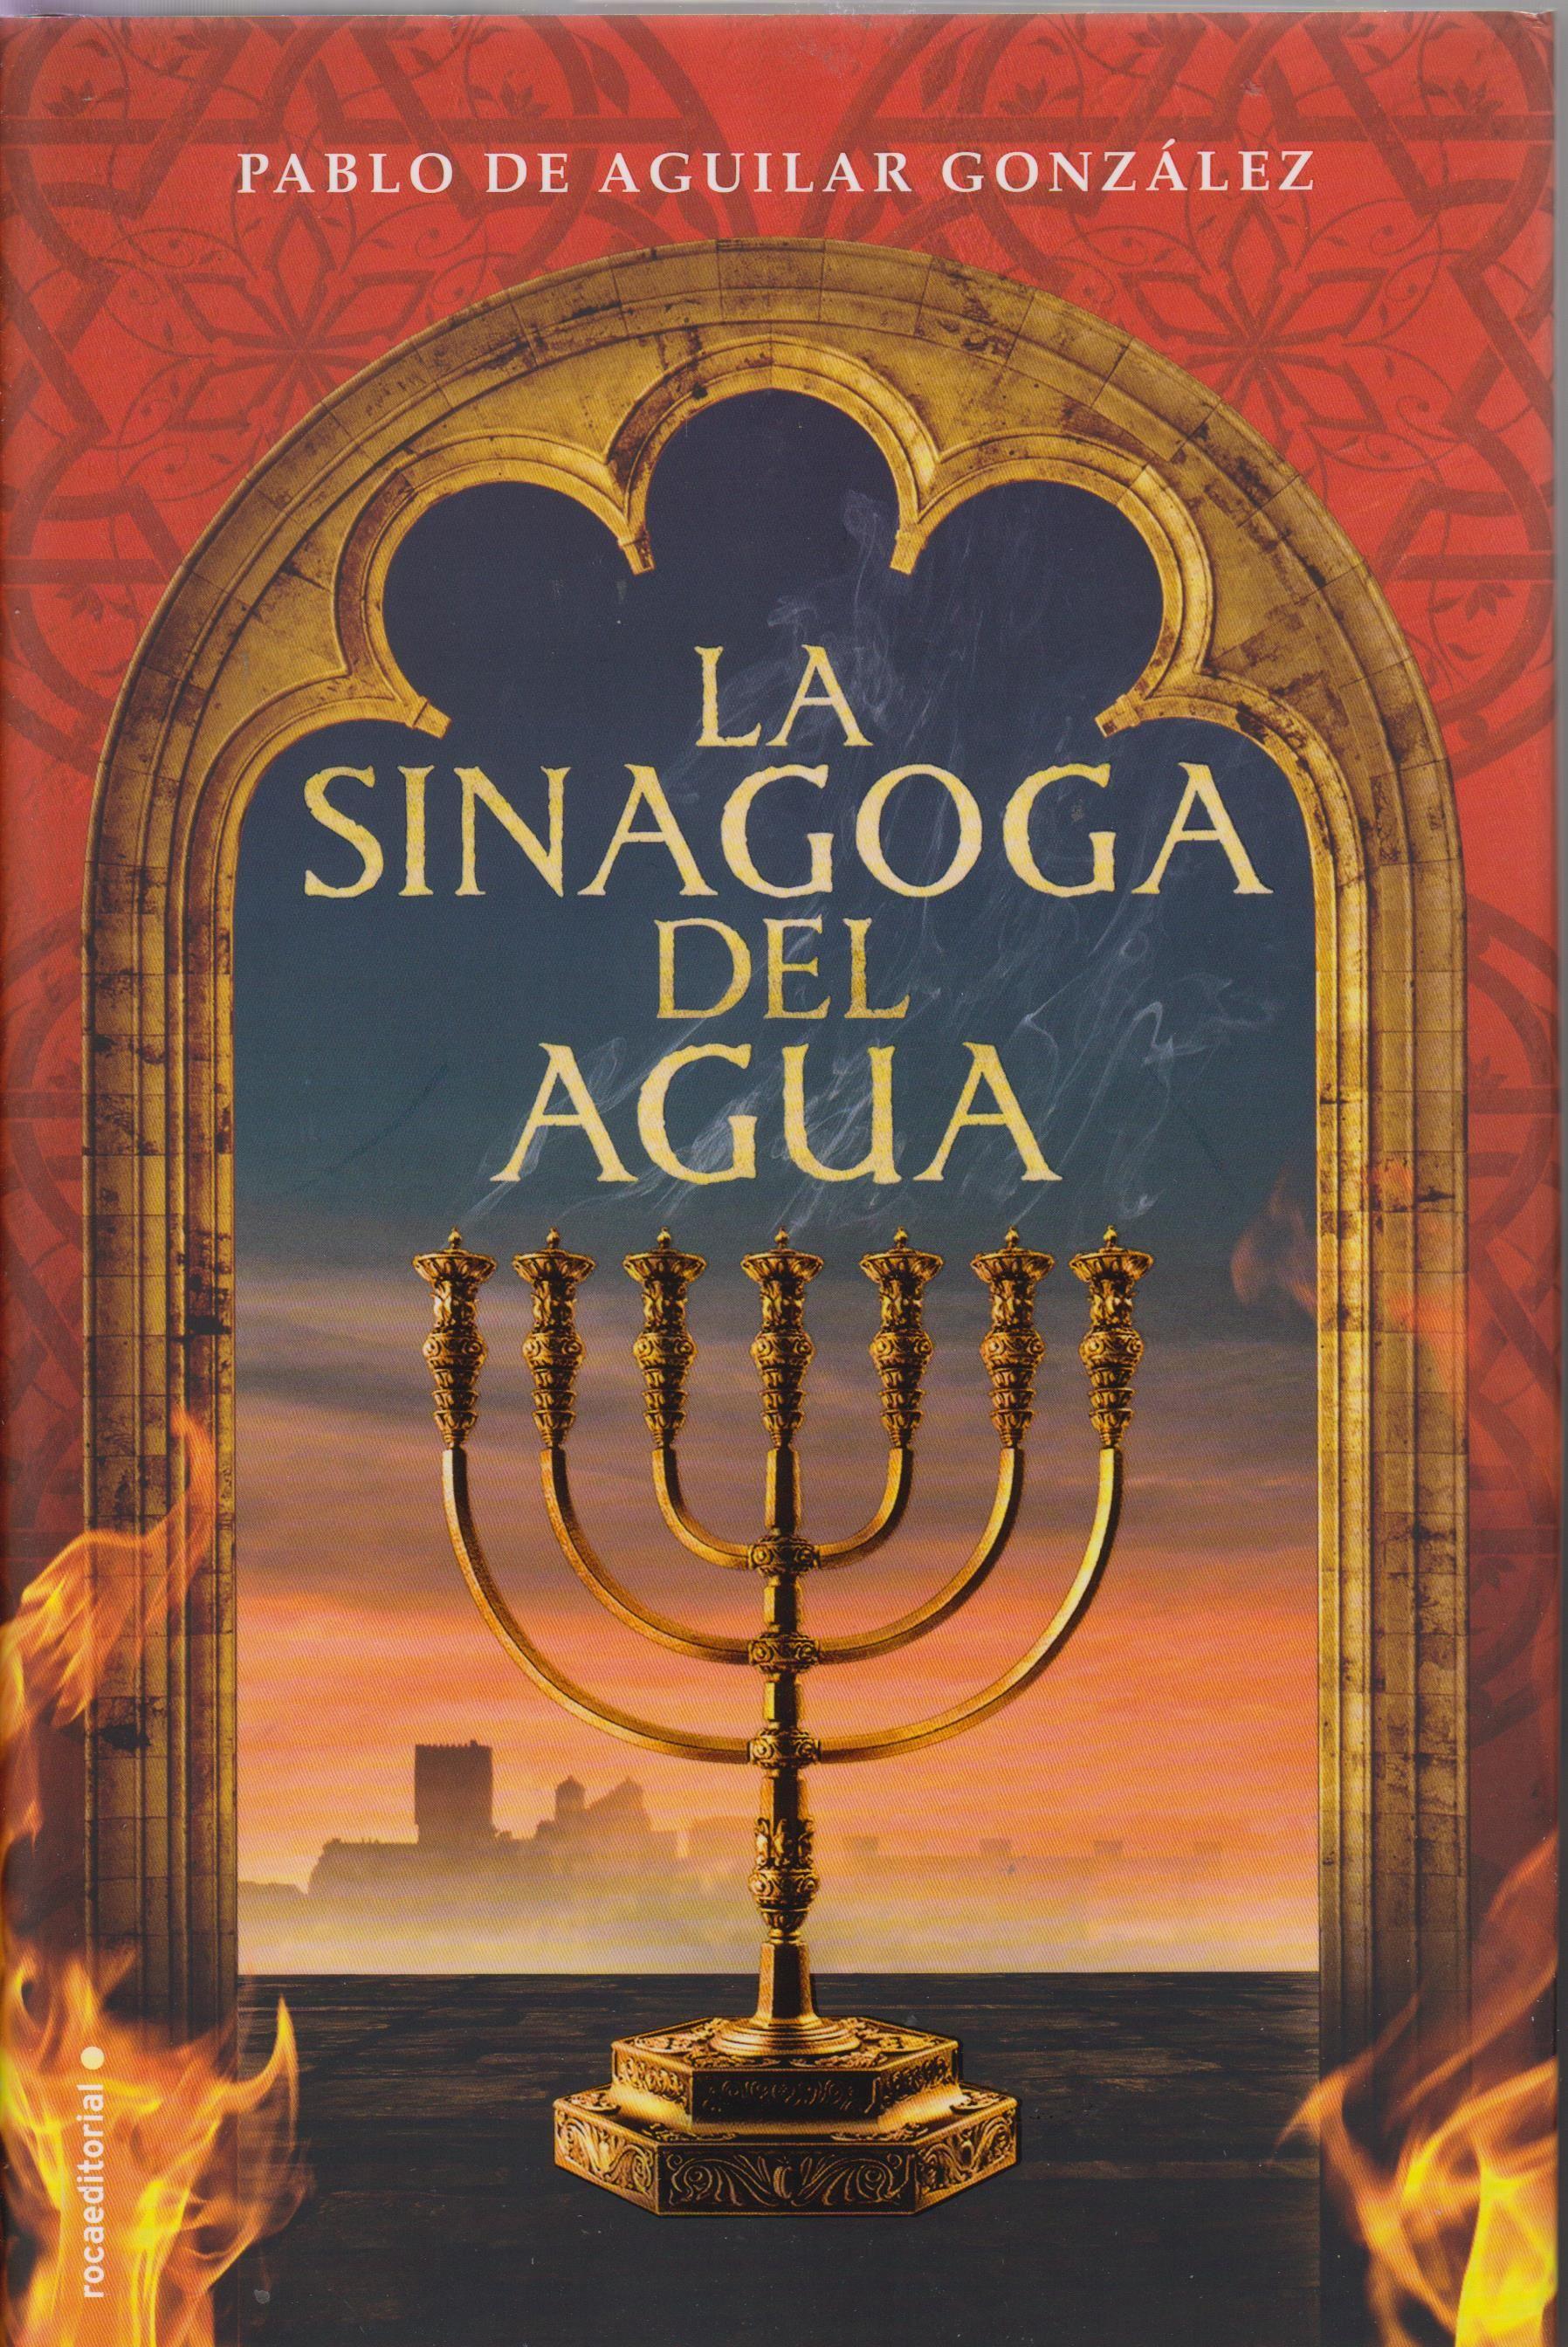 La Sinagoga Del Agua Pablo De Aguilar González 1391 Durante El Pogromo Los Cristianos Atacan La Sina Nombres De Libros Libros De Novelas Libros Gratis Epub